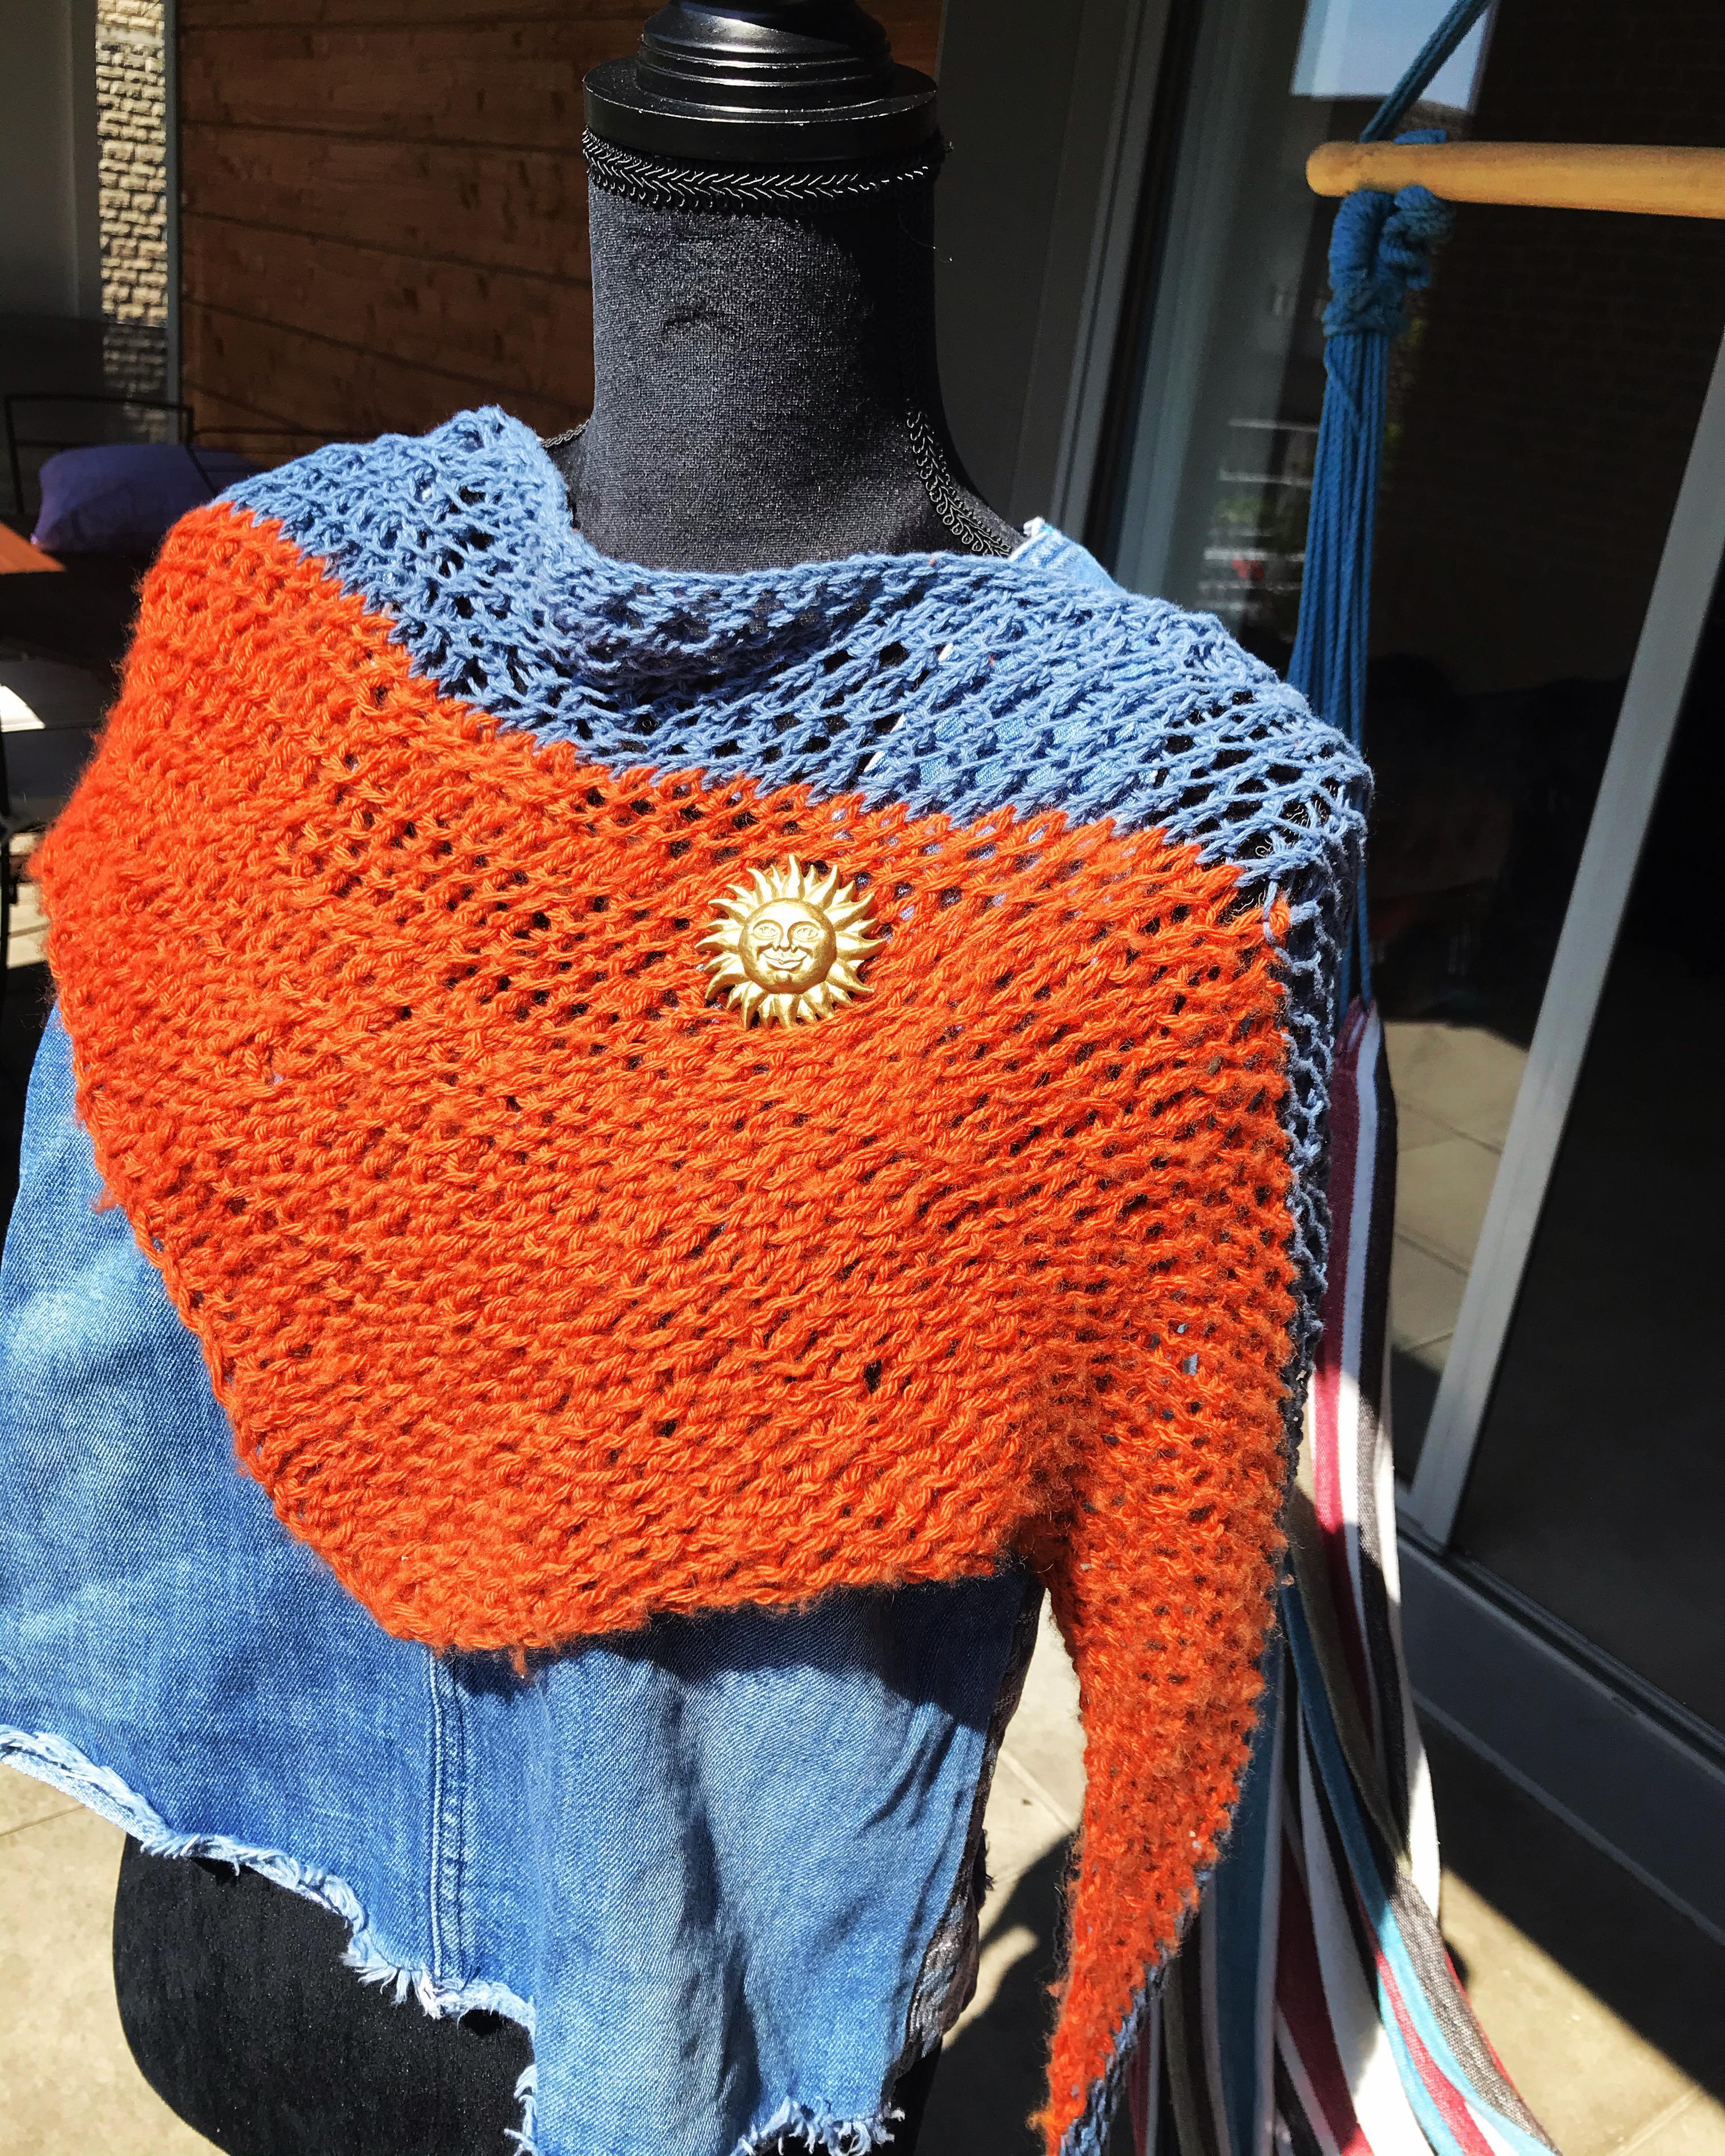 troc de troc petit châle ajouré fait main, laine et coton image 0